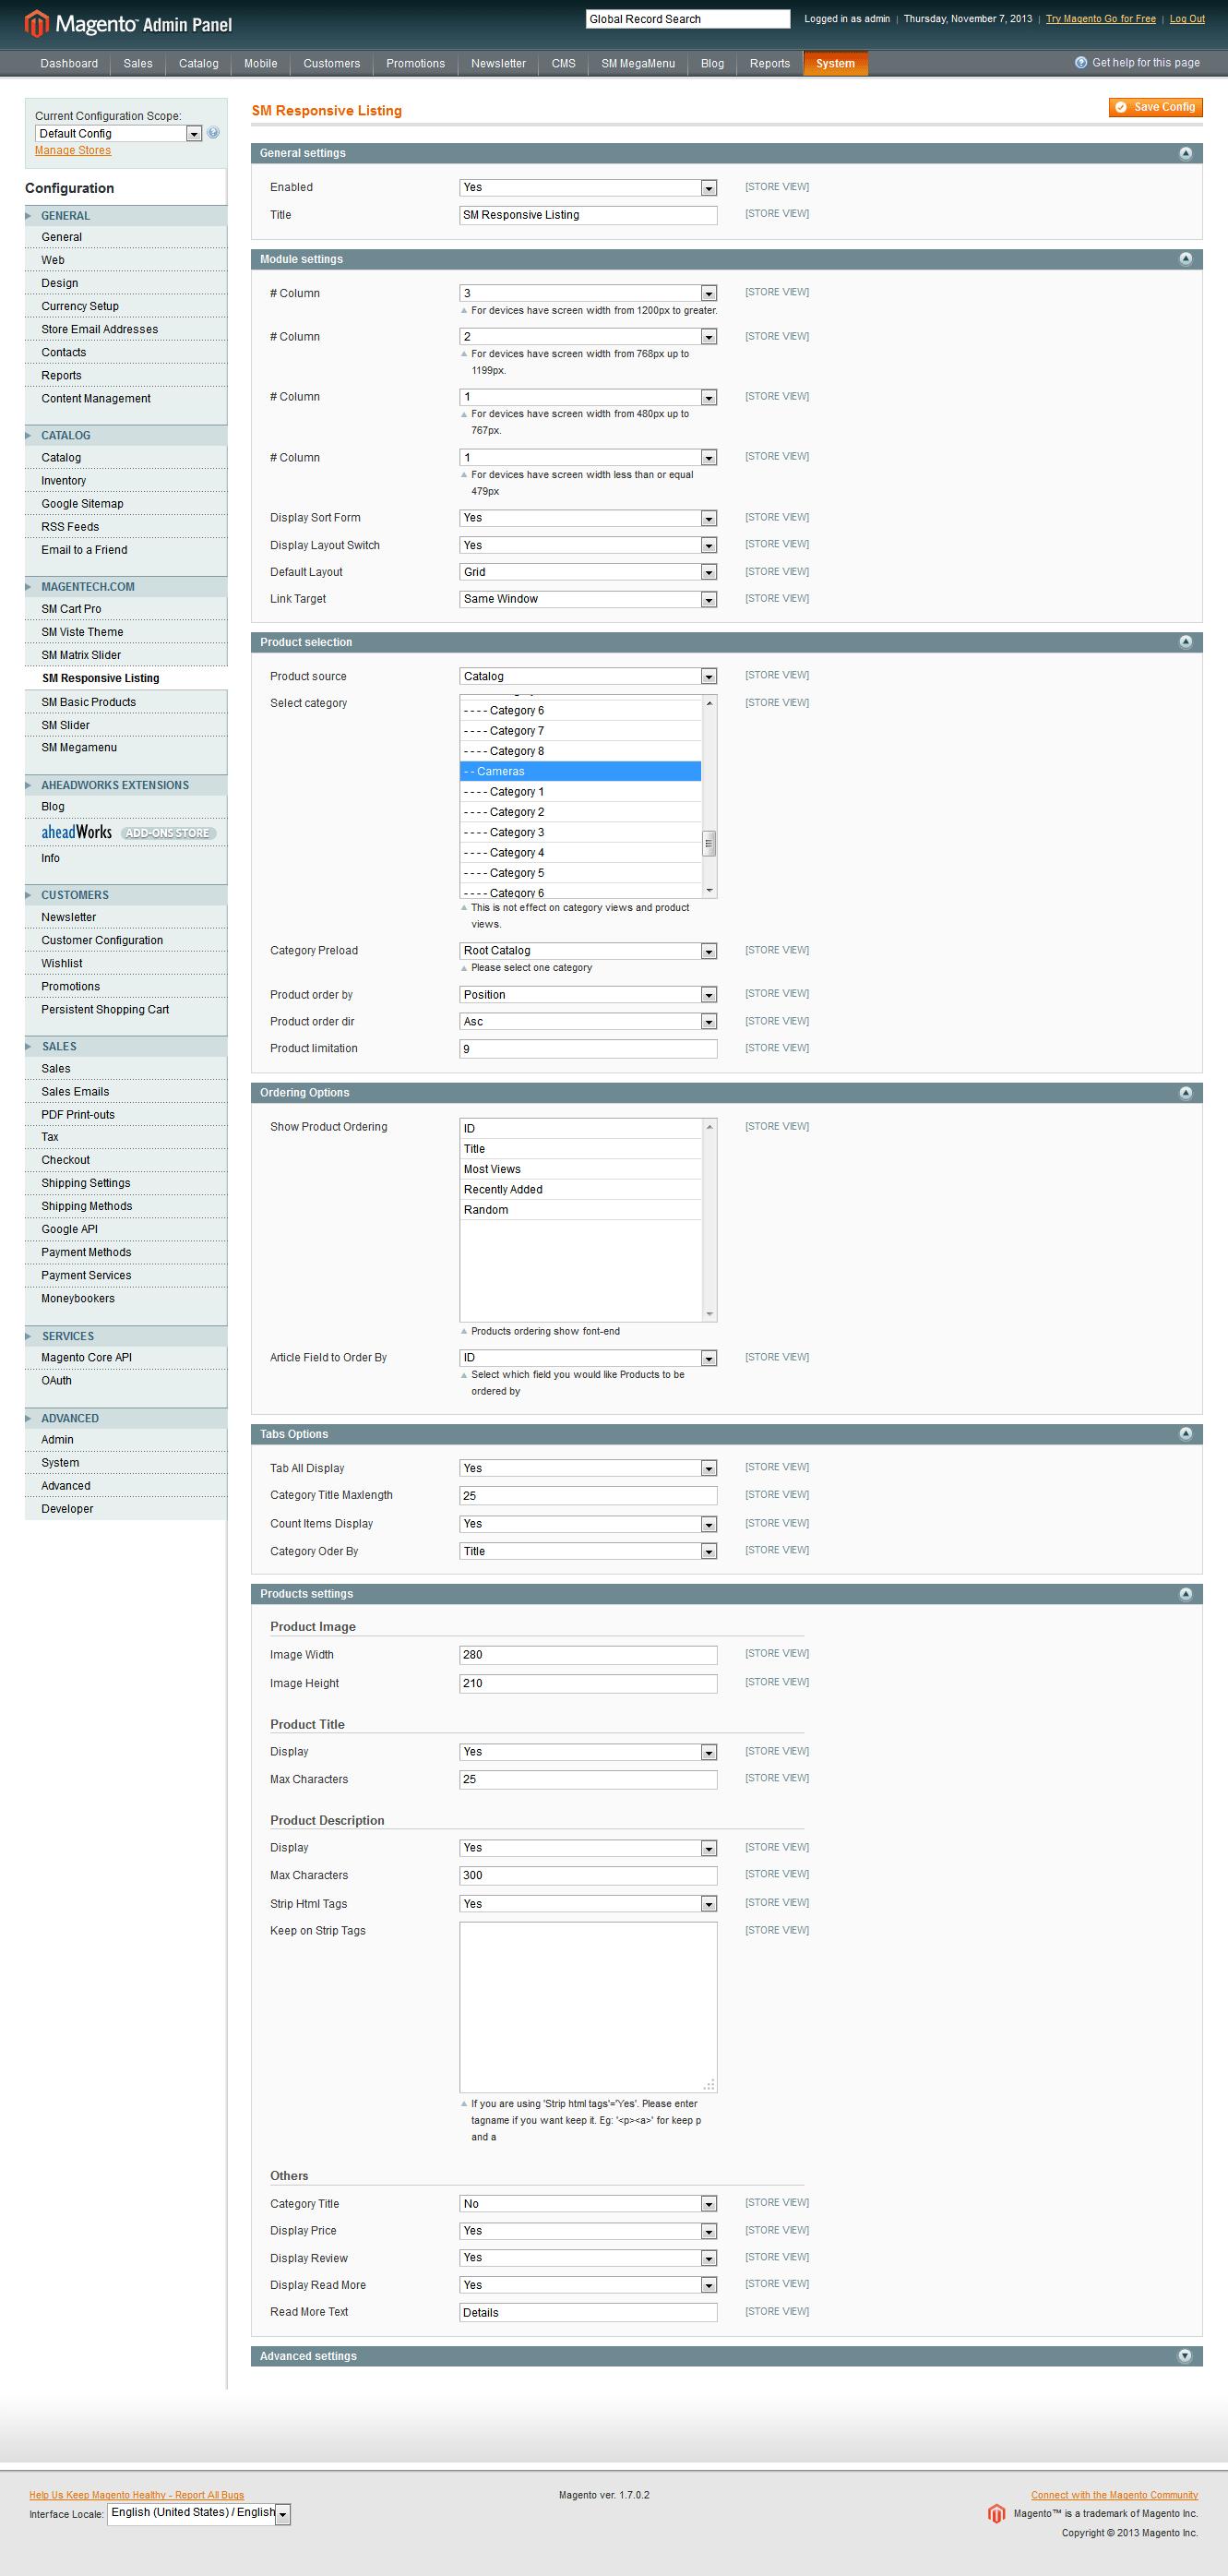 Customer account login admin cms_wysiwyg directive/index.php/admin/Cms_Wysiwyg/directive - Shop Customer Account Login Admin Cms_wysiwyg Directive Index Index Php Admin Download